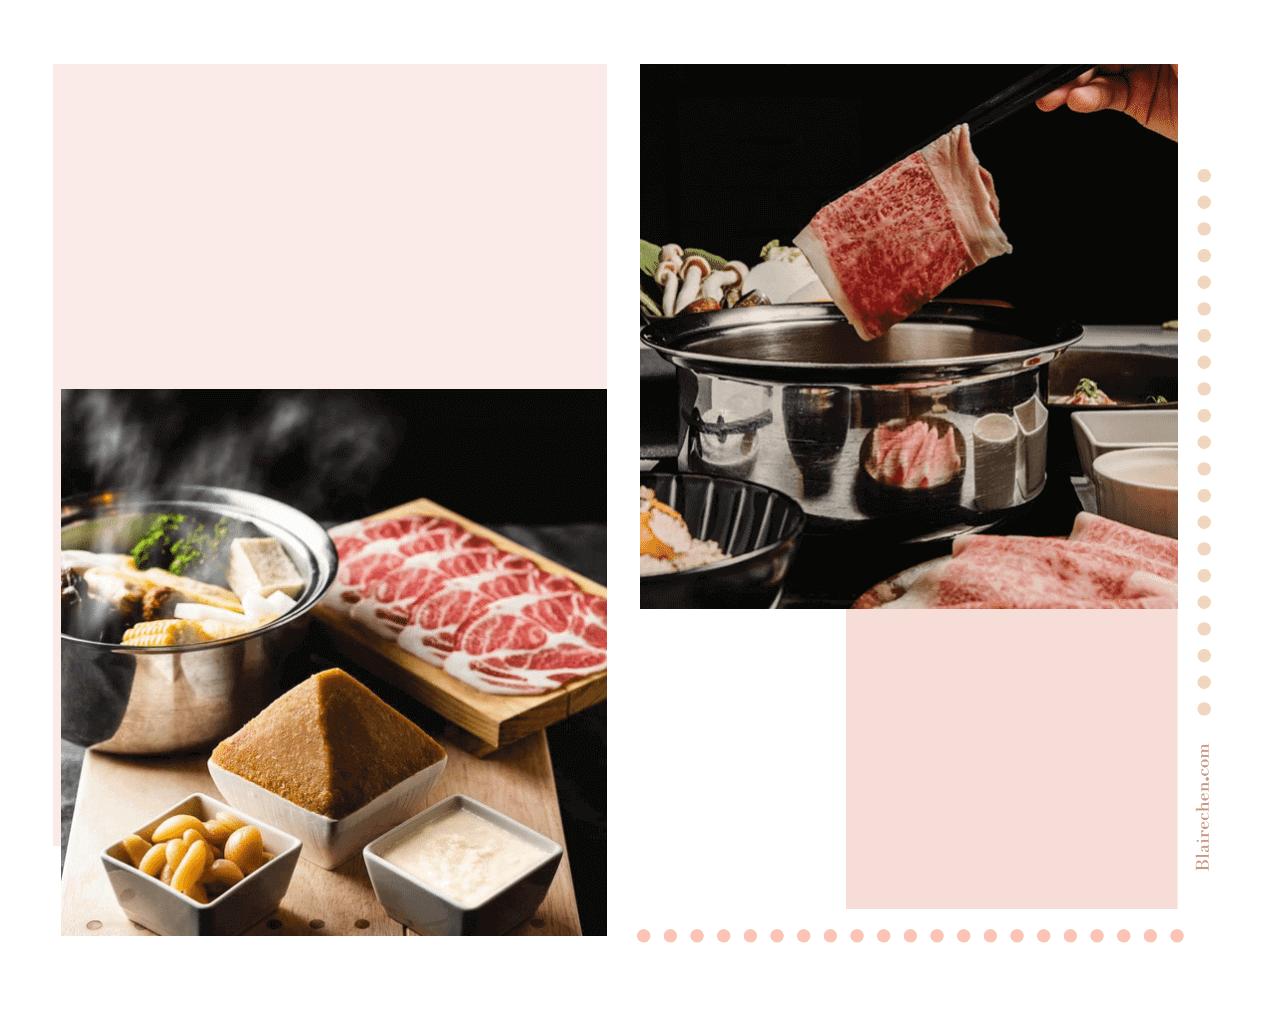 【年末聚餐推薦】|年末就要犒賞自己!高CP值聚會首選,餐廳好吃又好拍!